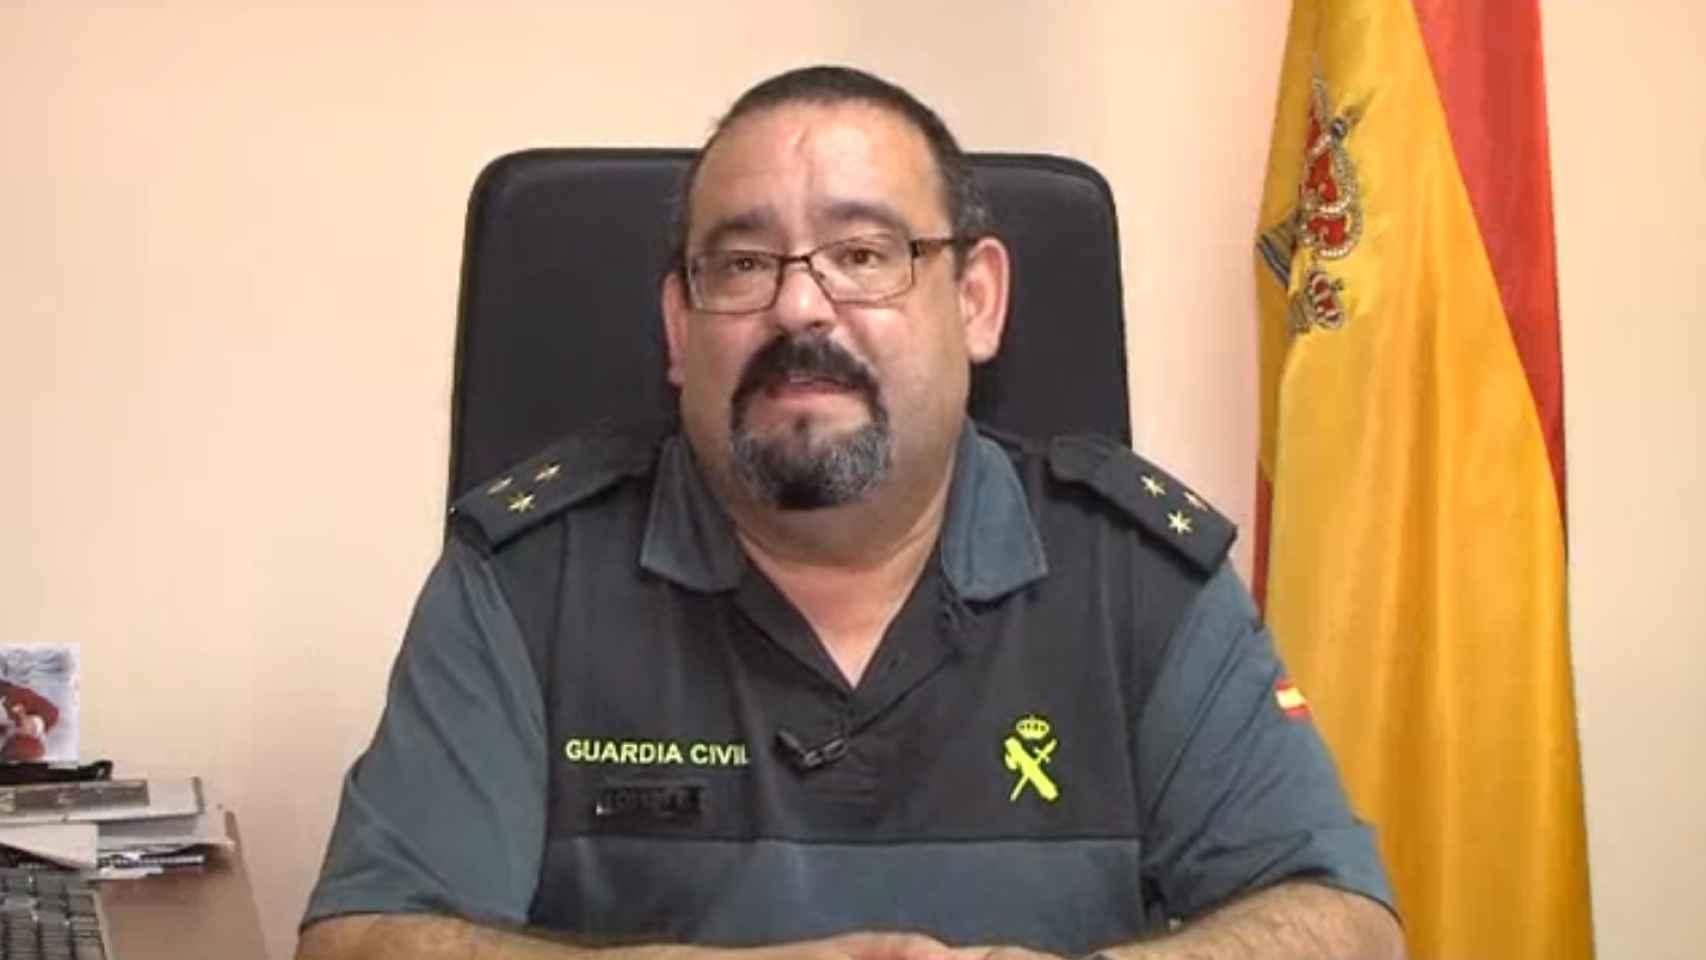 Drogas por ahí, drogas... Fuerzas de seguridad del Estado en España. Guti_133251668_7226146_1706x960